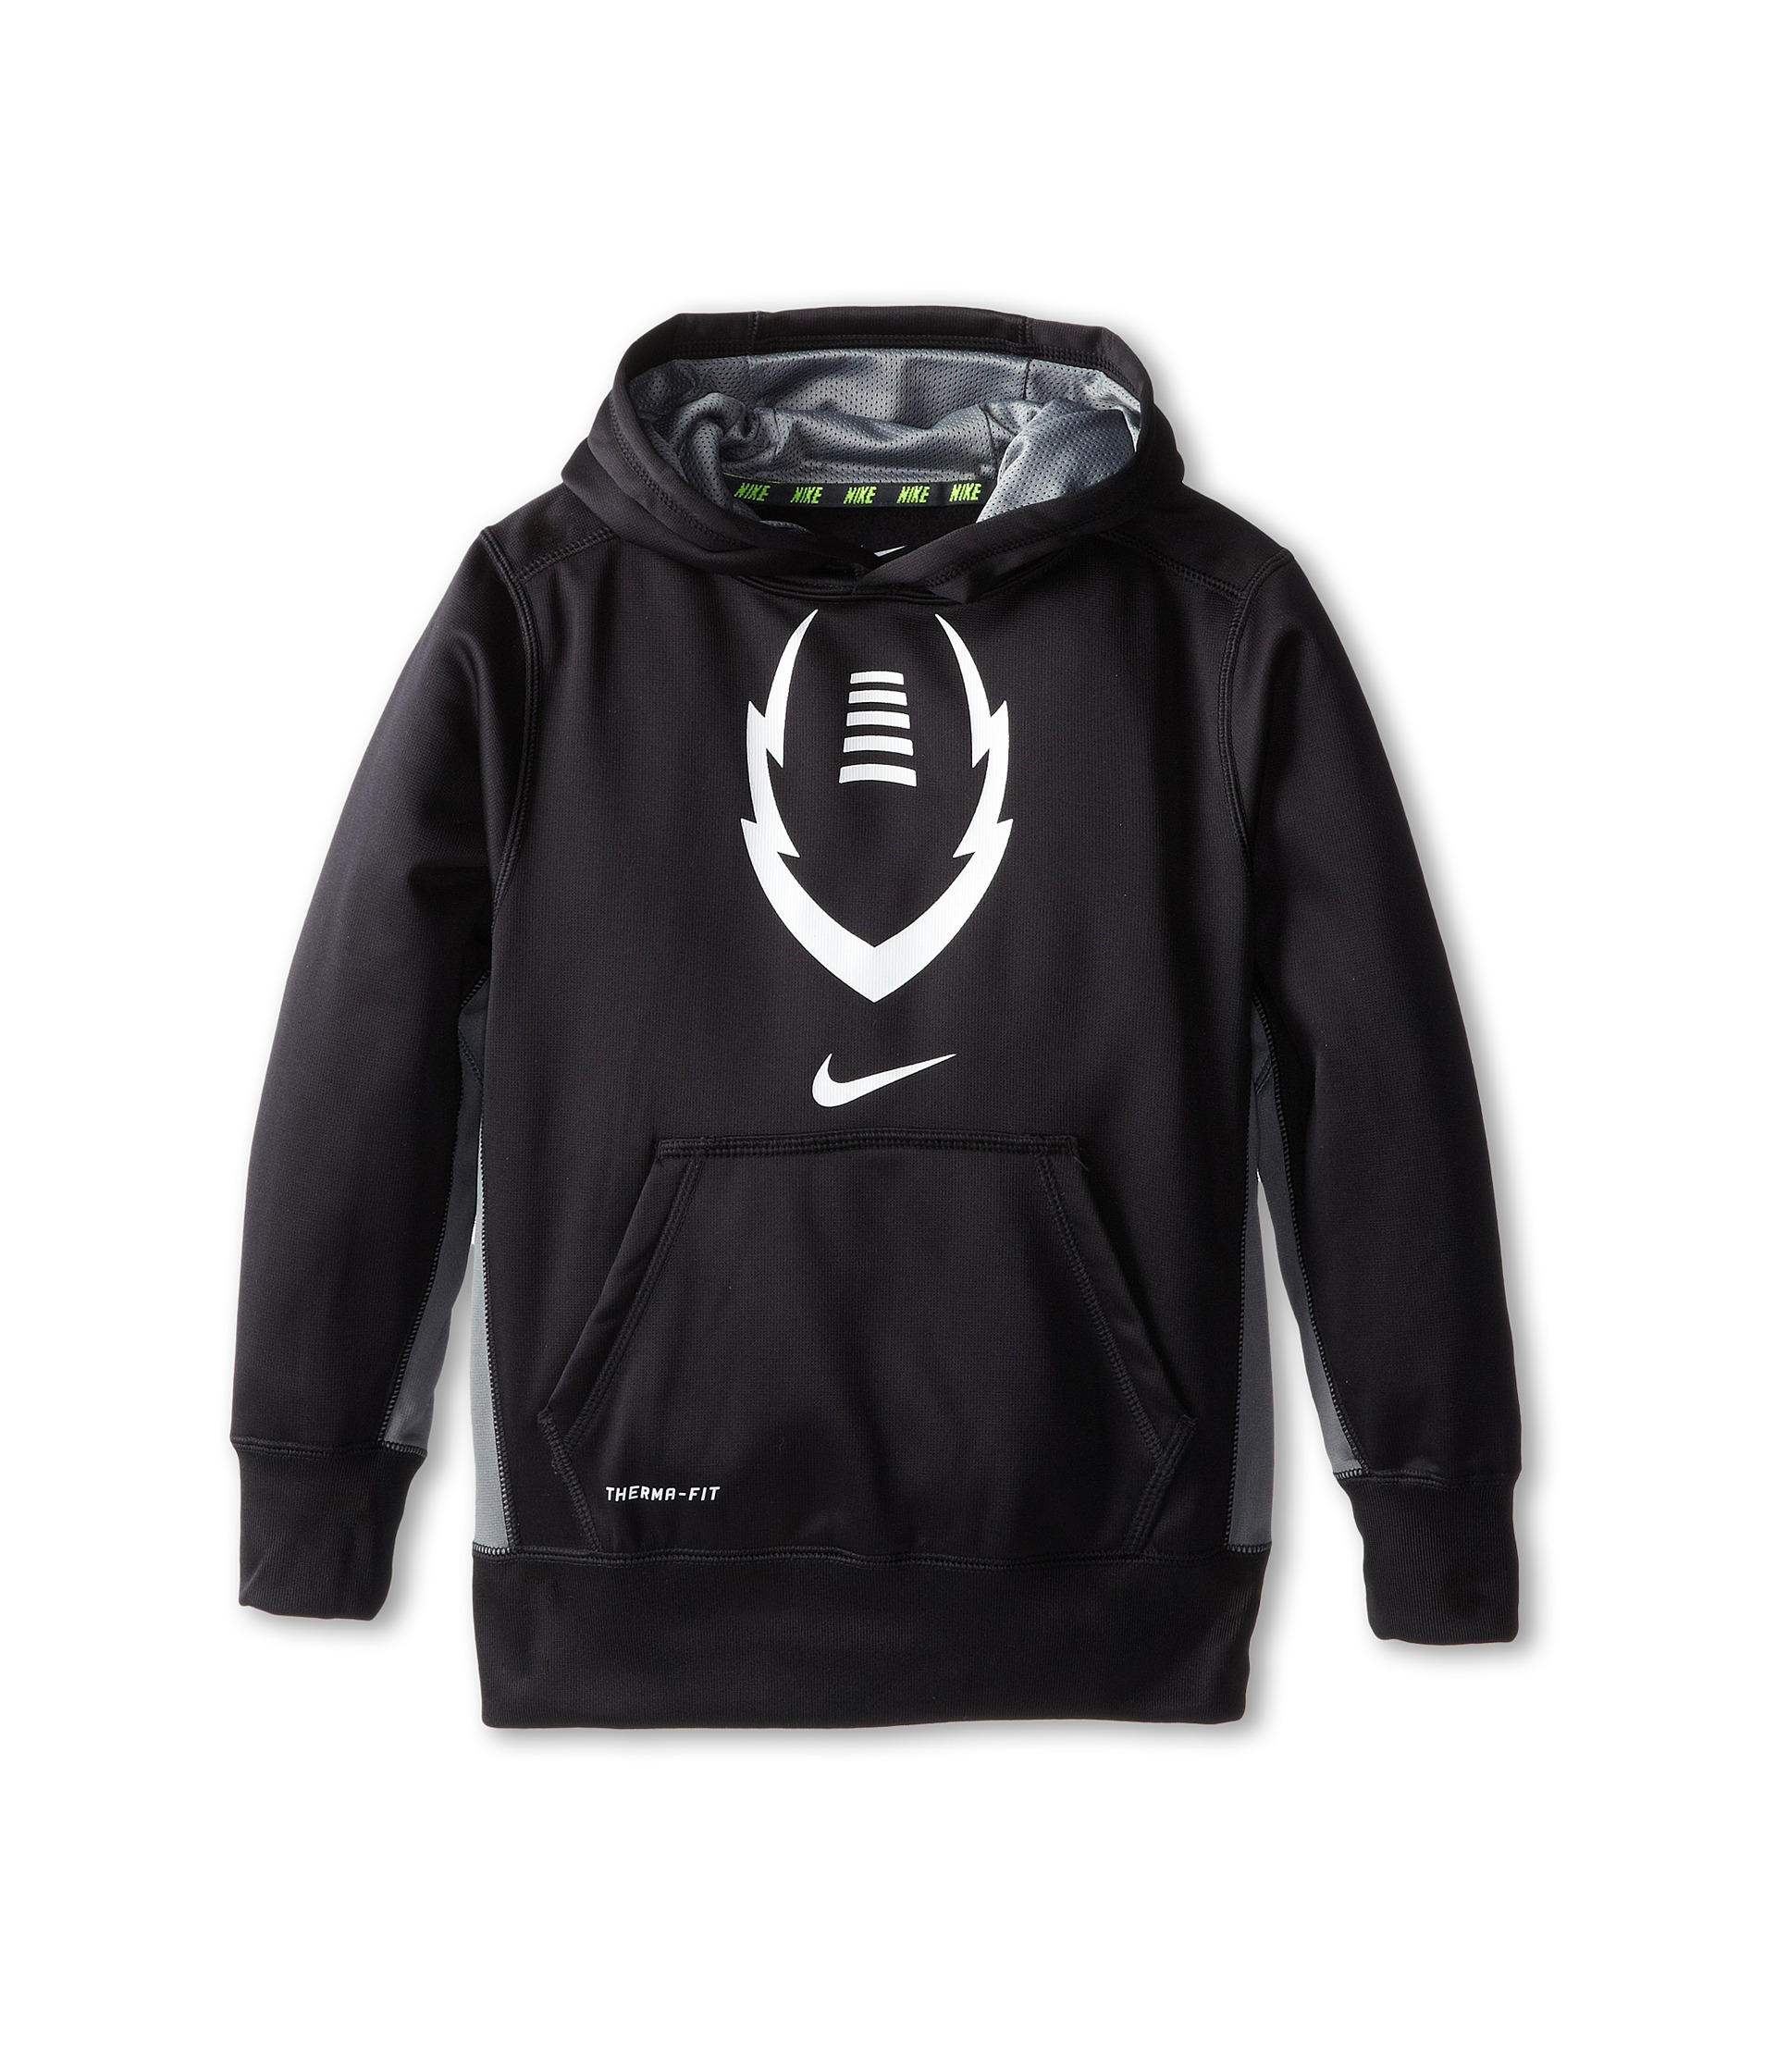 Nike soccer hoodie